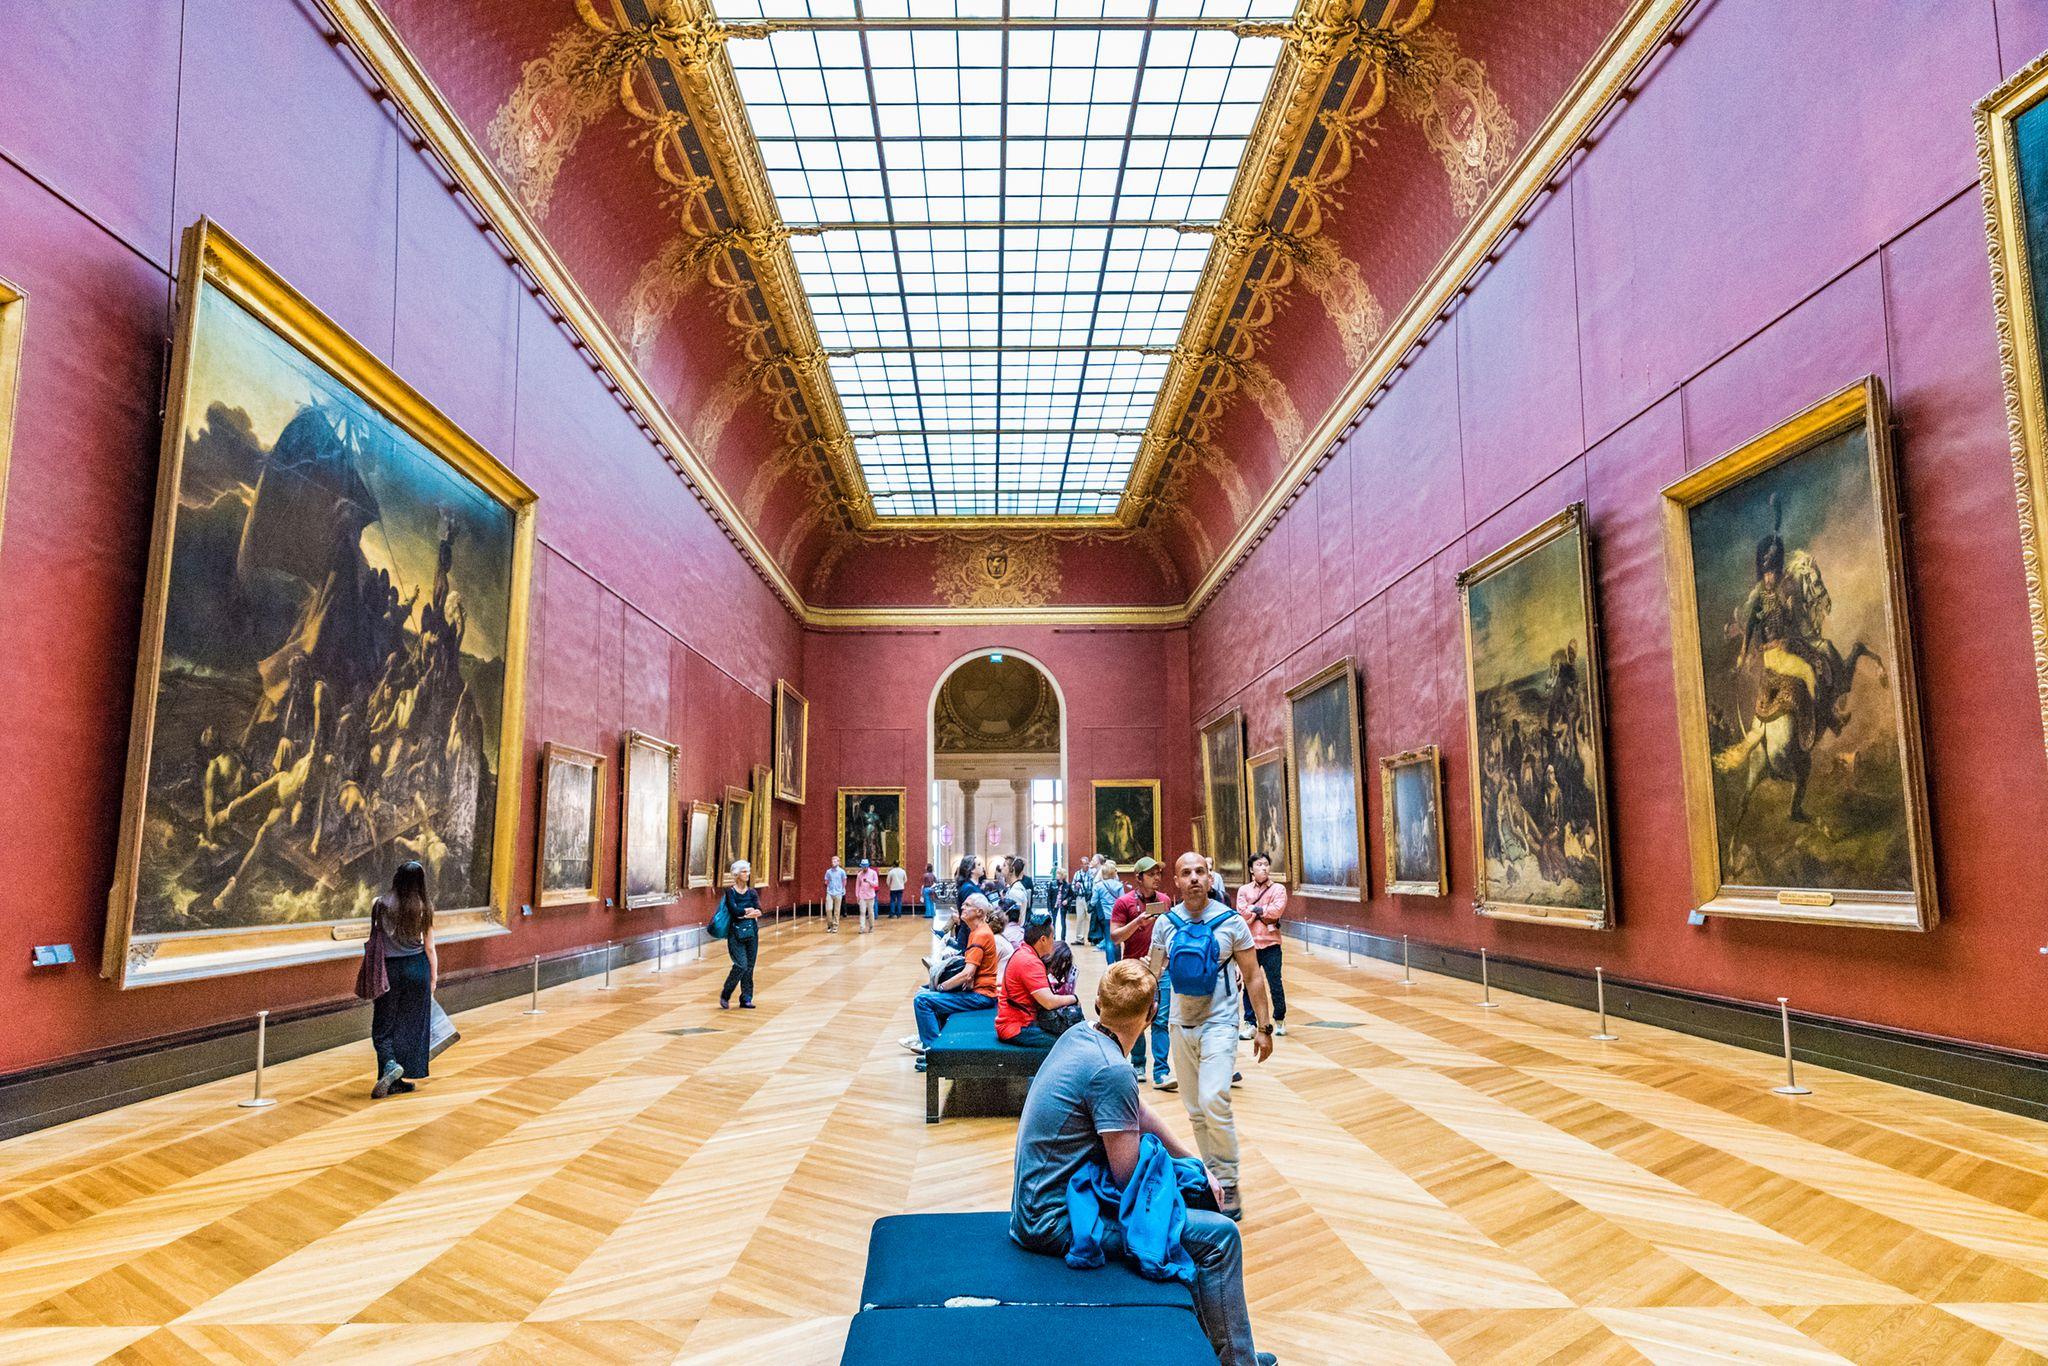 Μουσείο του Λούβρου (Musée du Louvre) - Παρίσι | TopTraveller